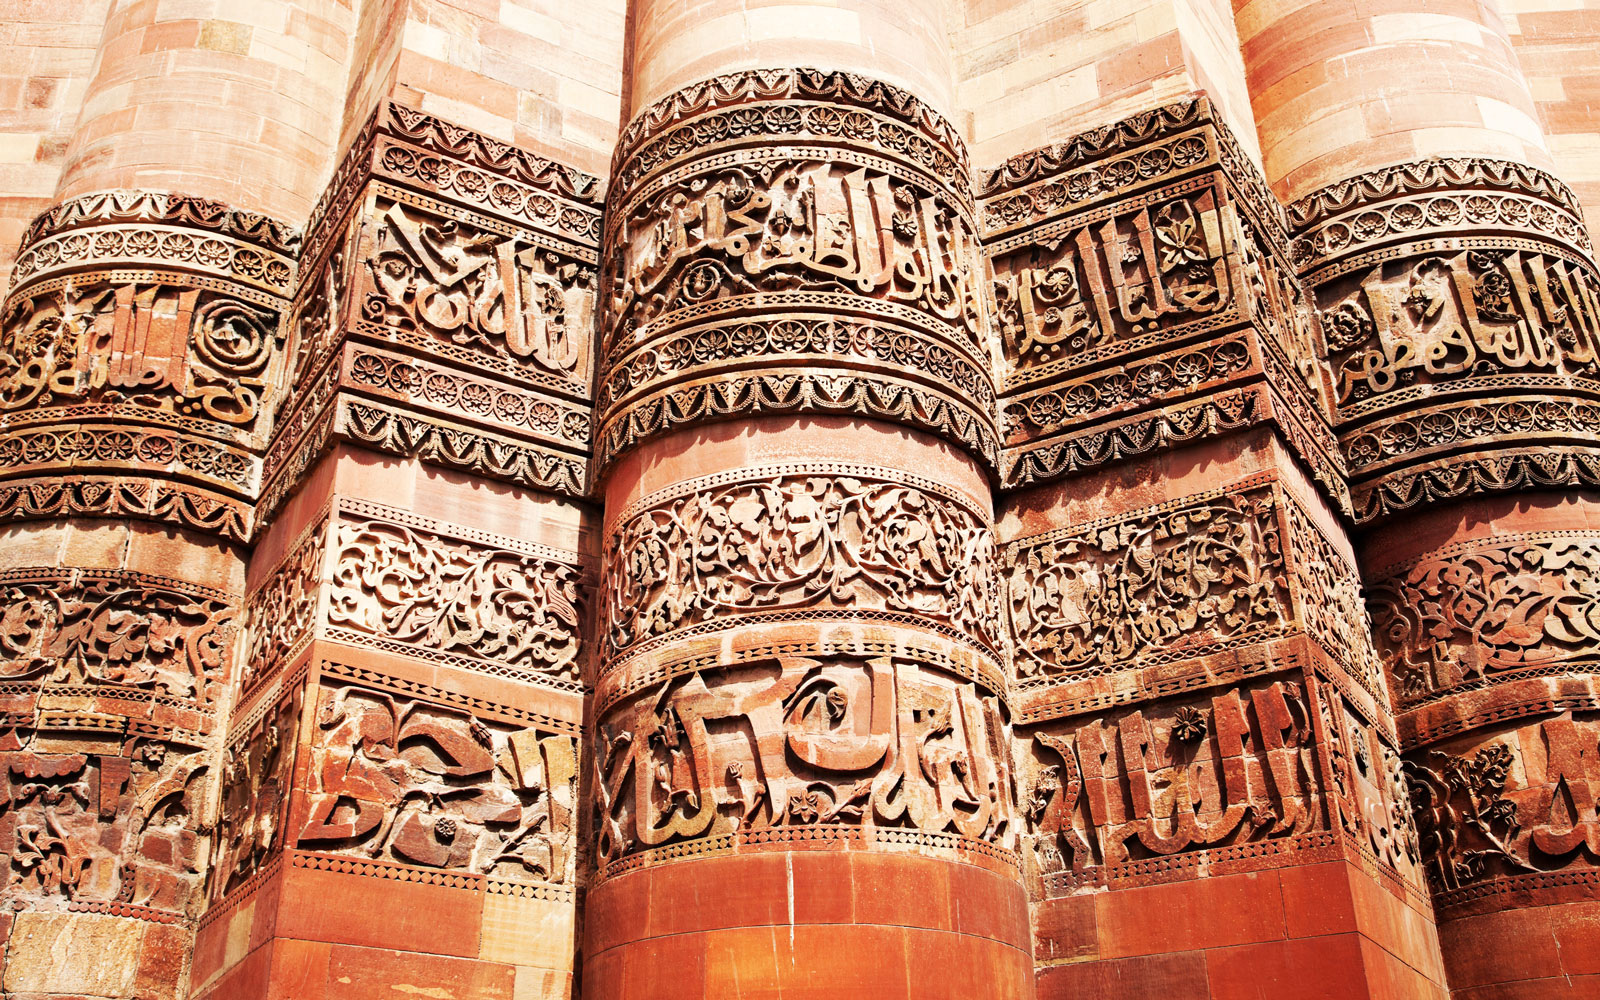 Detail of the Qutab Minar.